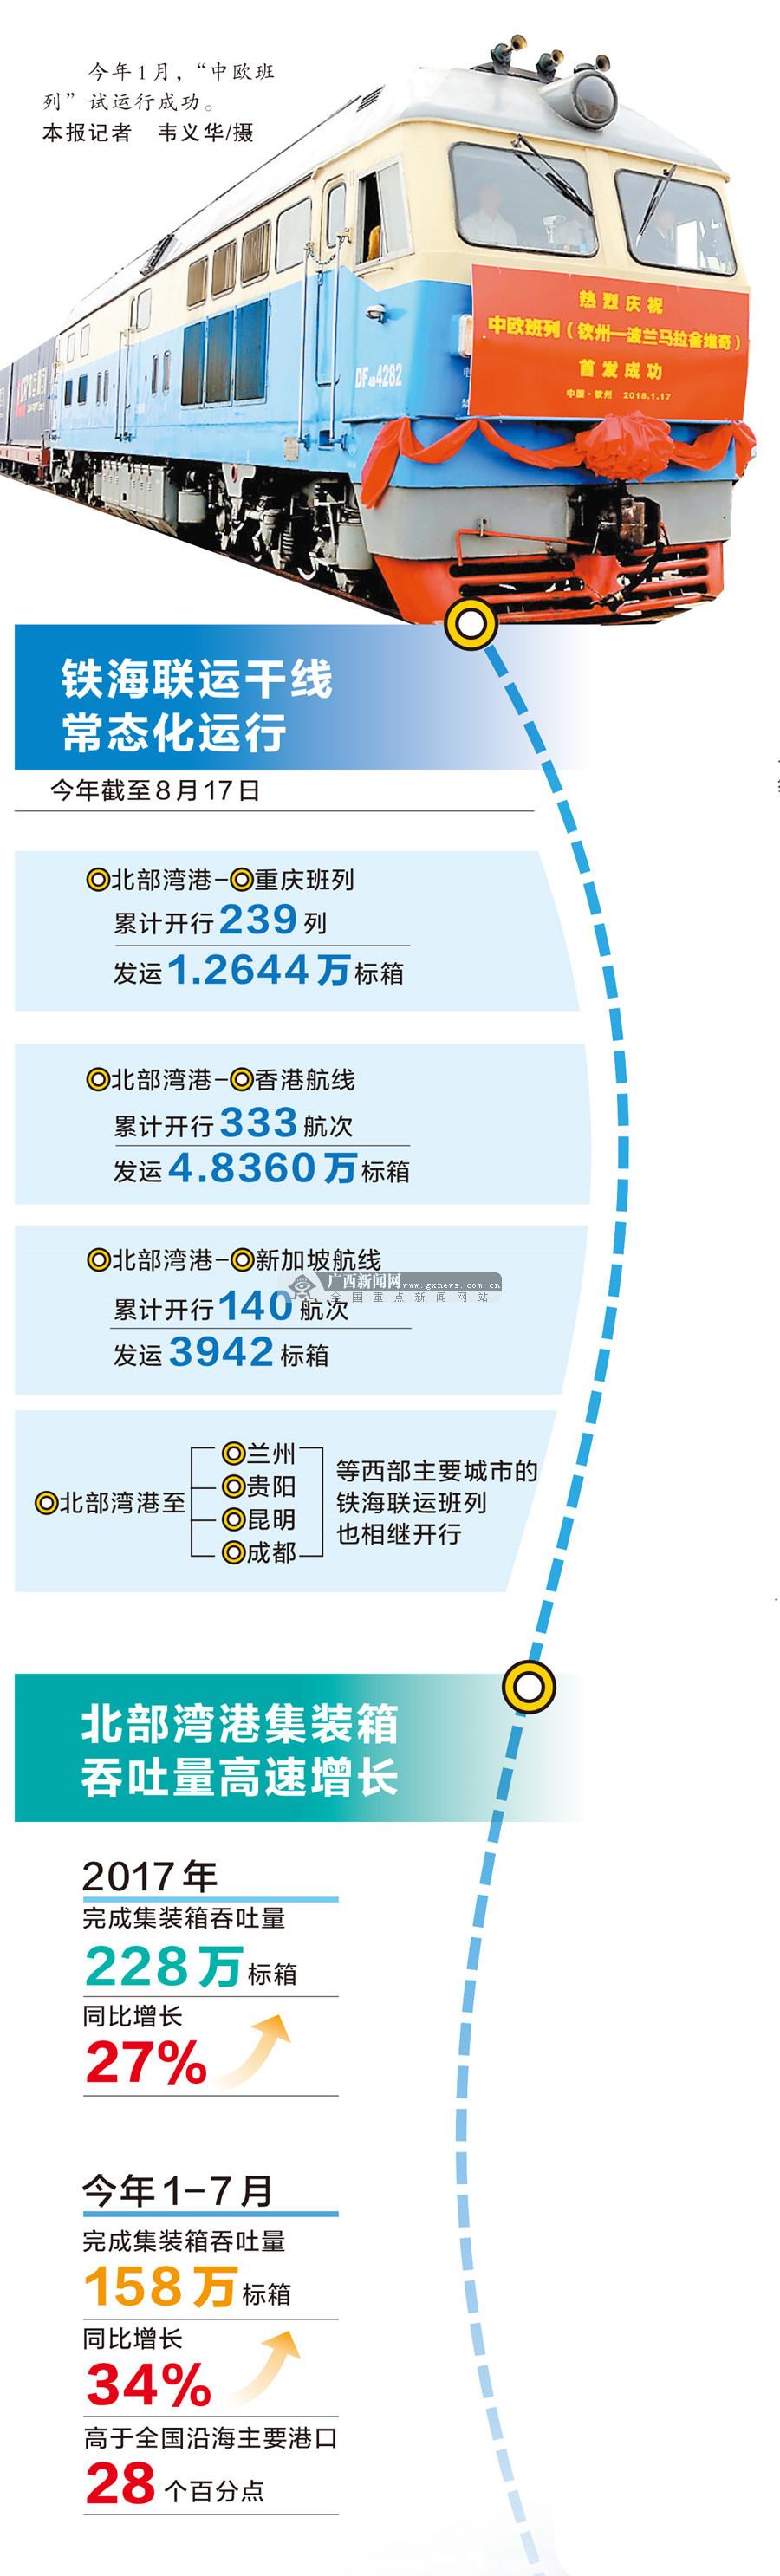 广西积极加速推进南向通道建设:扩容朋友圈催生新空间